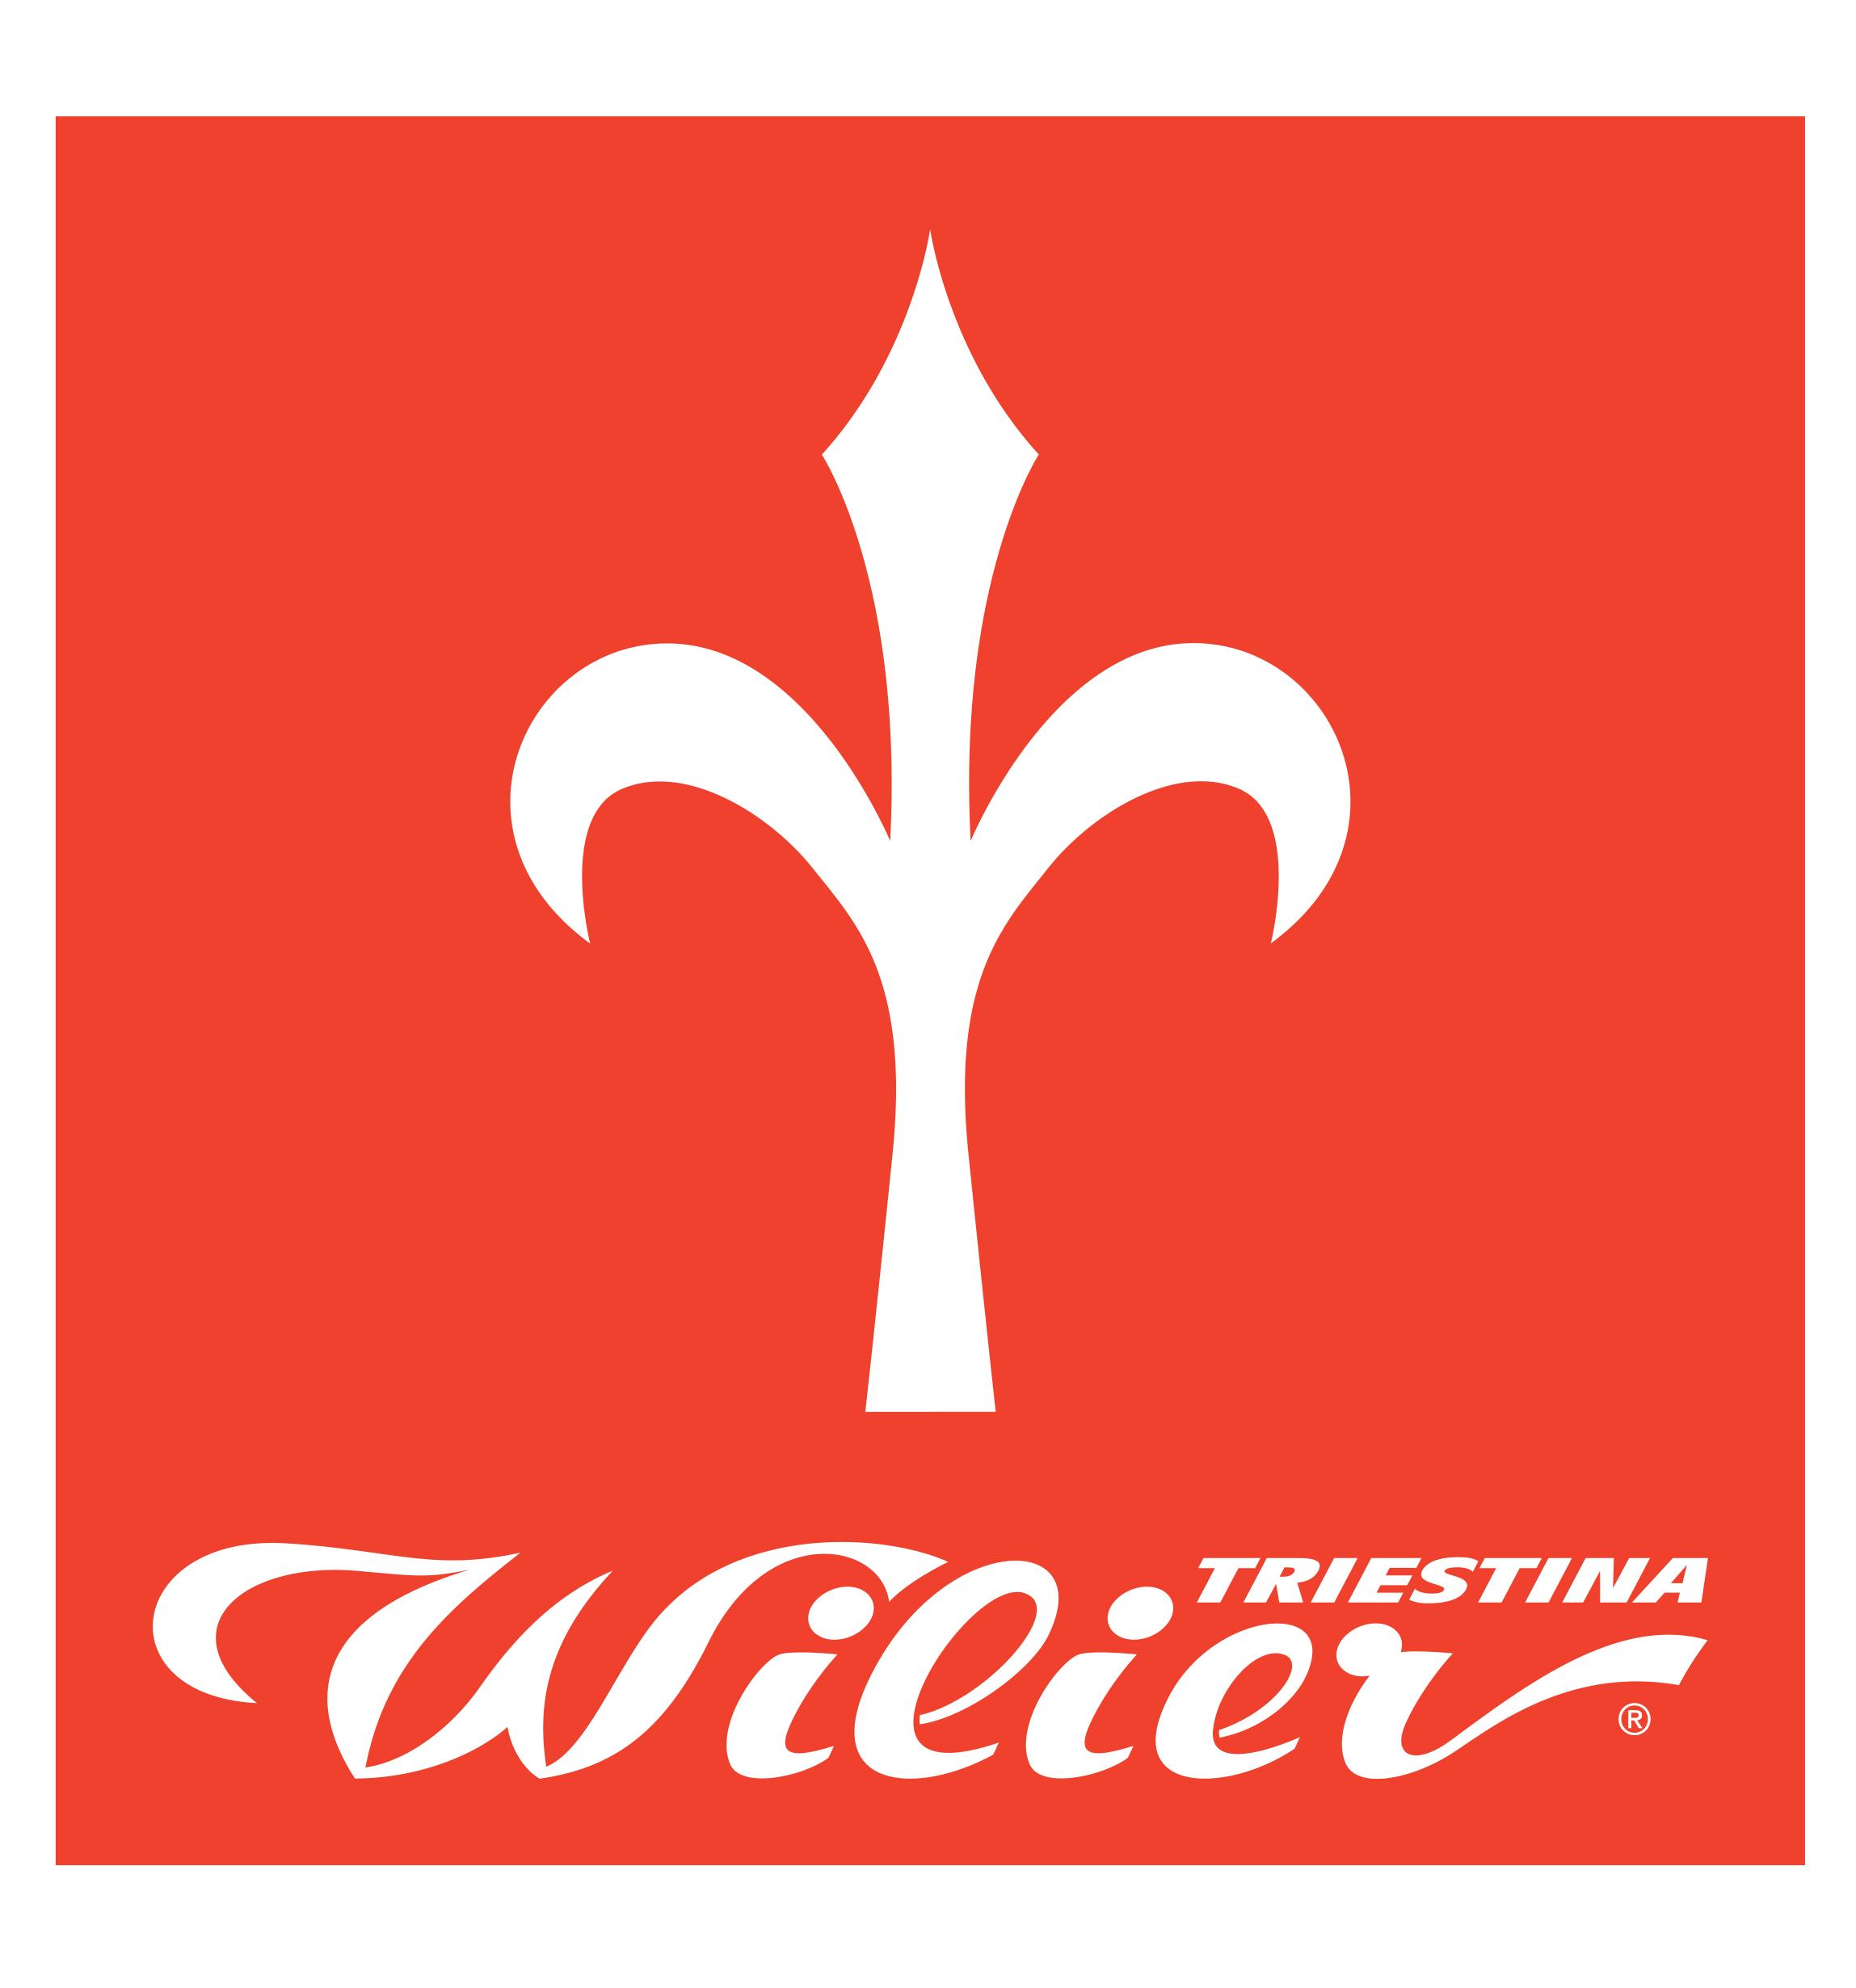 Bici da corsa, gravel, mtb, e-bike a pedalata assistita del marchio leader mondiale Wilier Triestina.